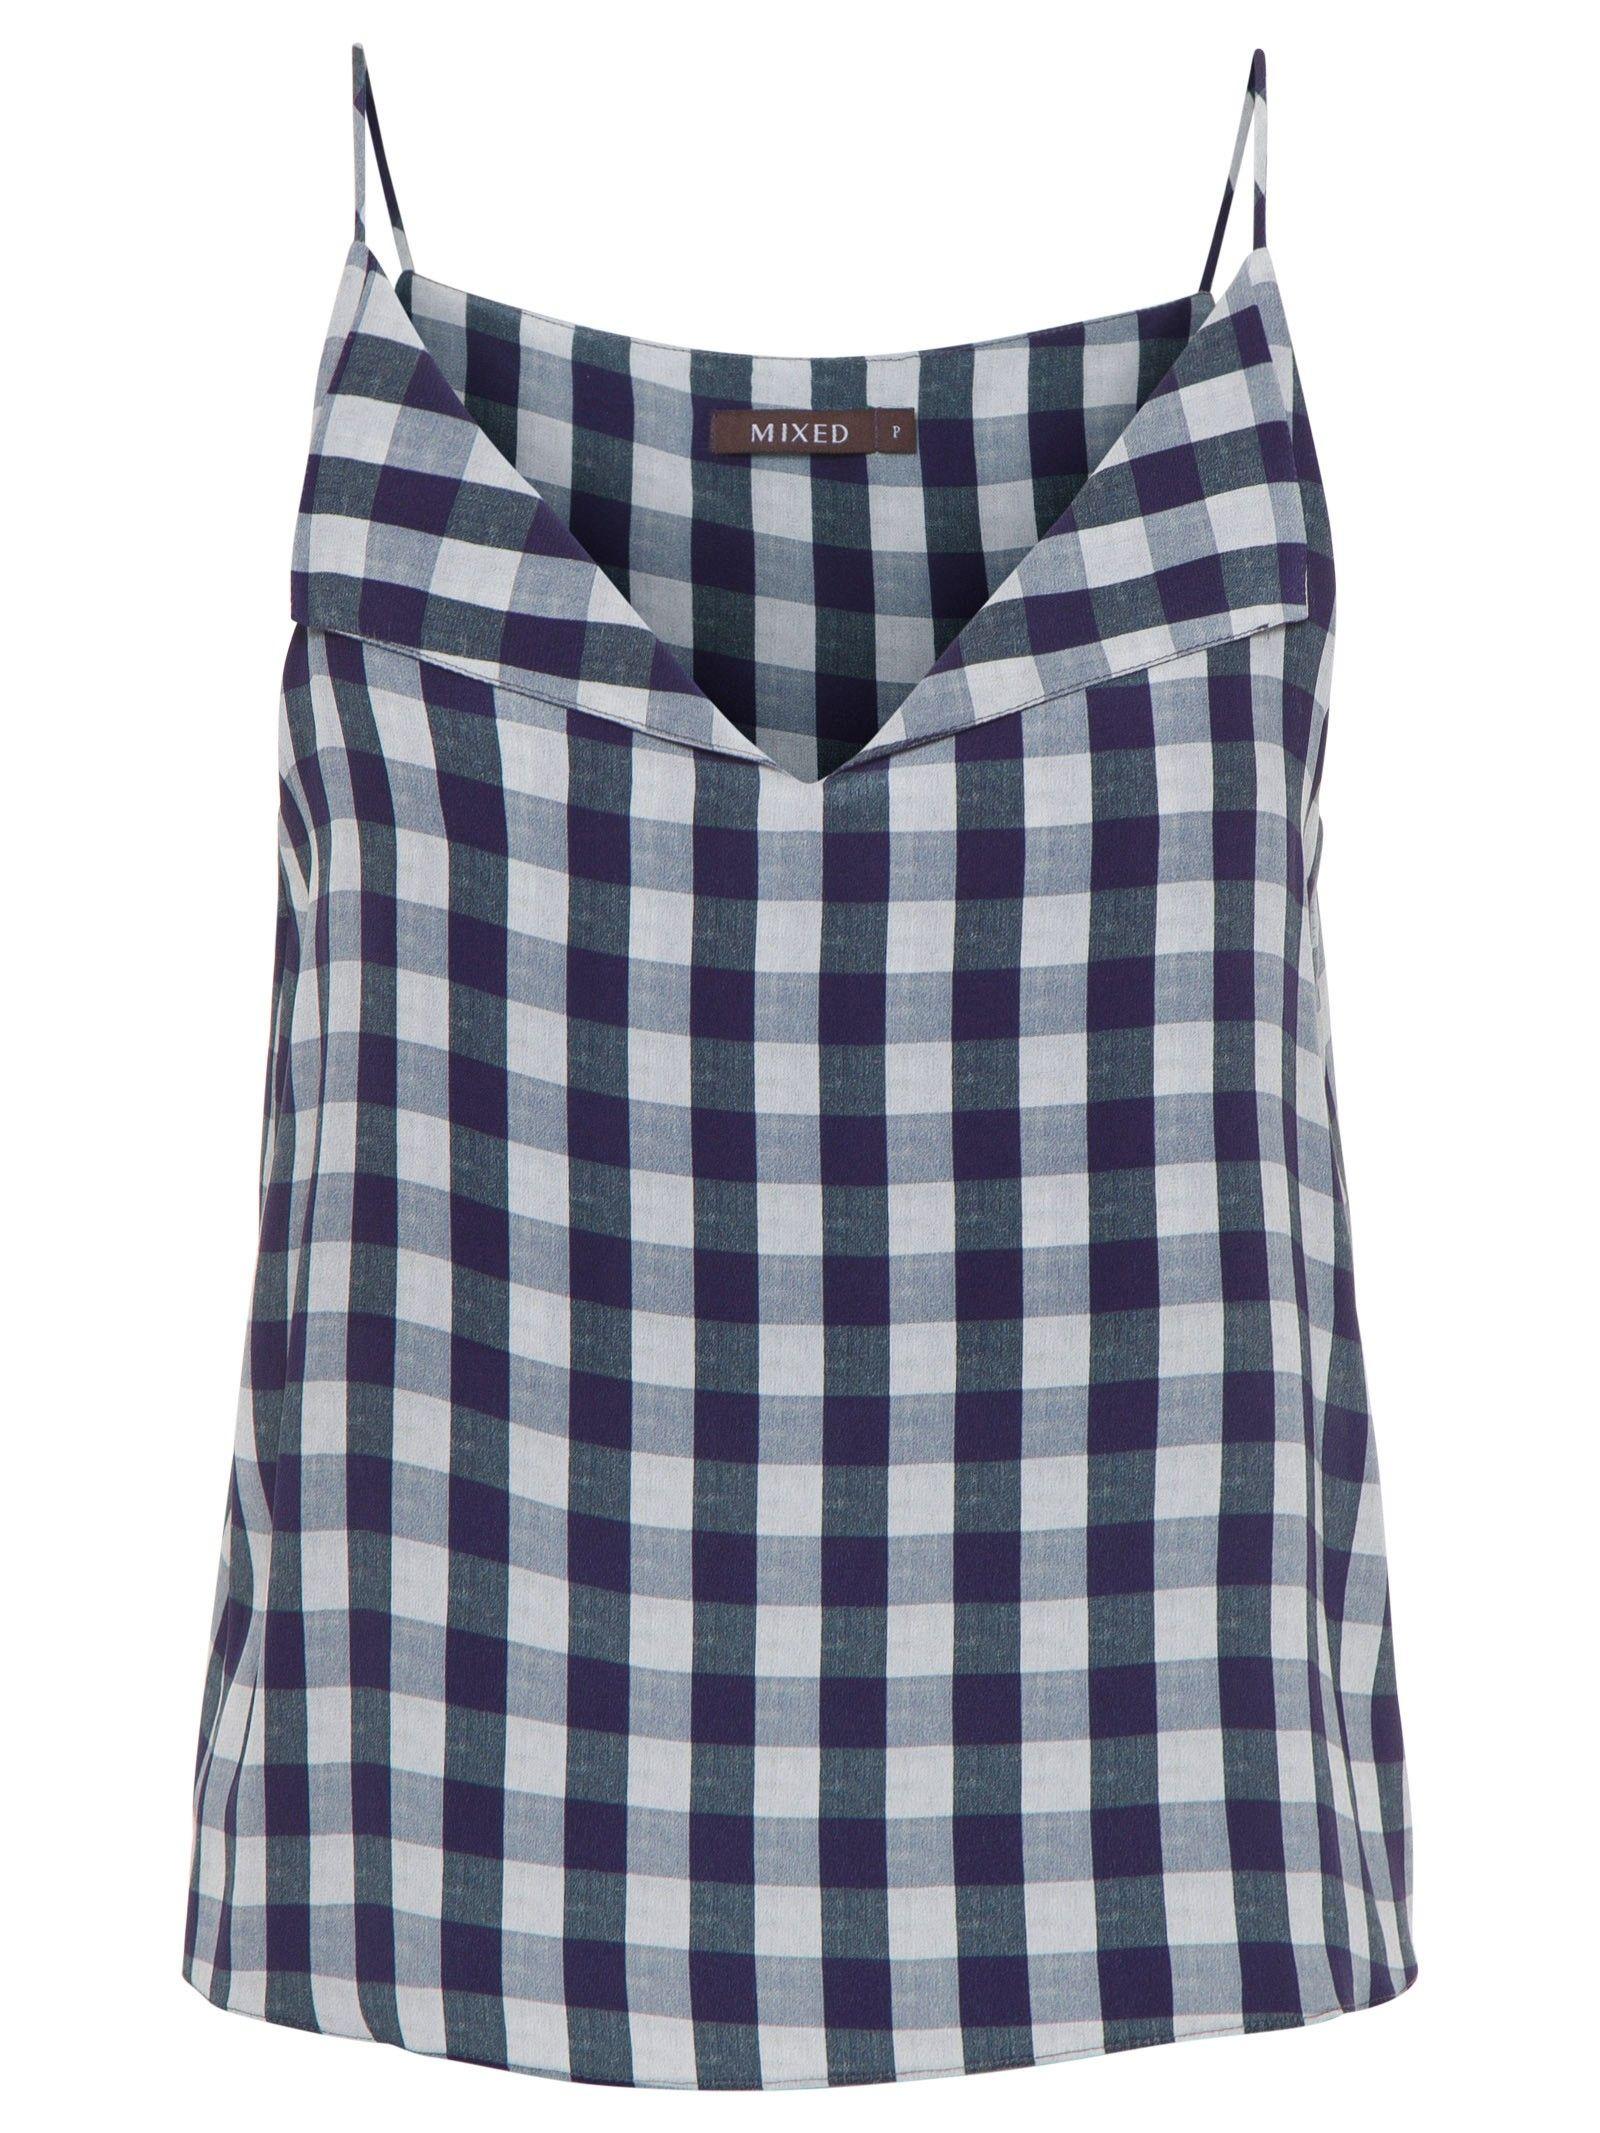 3c3aa42a3 Regata Feminina Fresh Vichy - Mixed - Azul - Shop2gether Camiseta Regata  Feminina